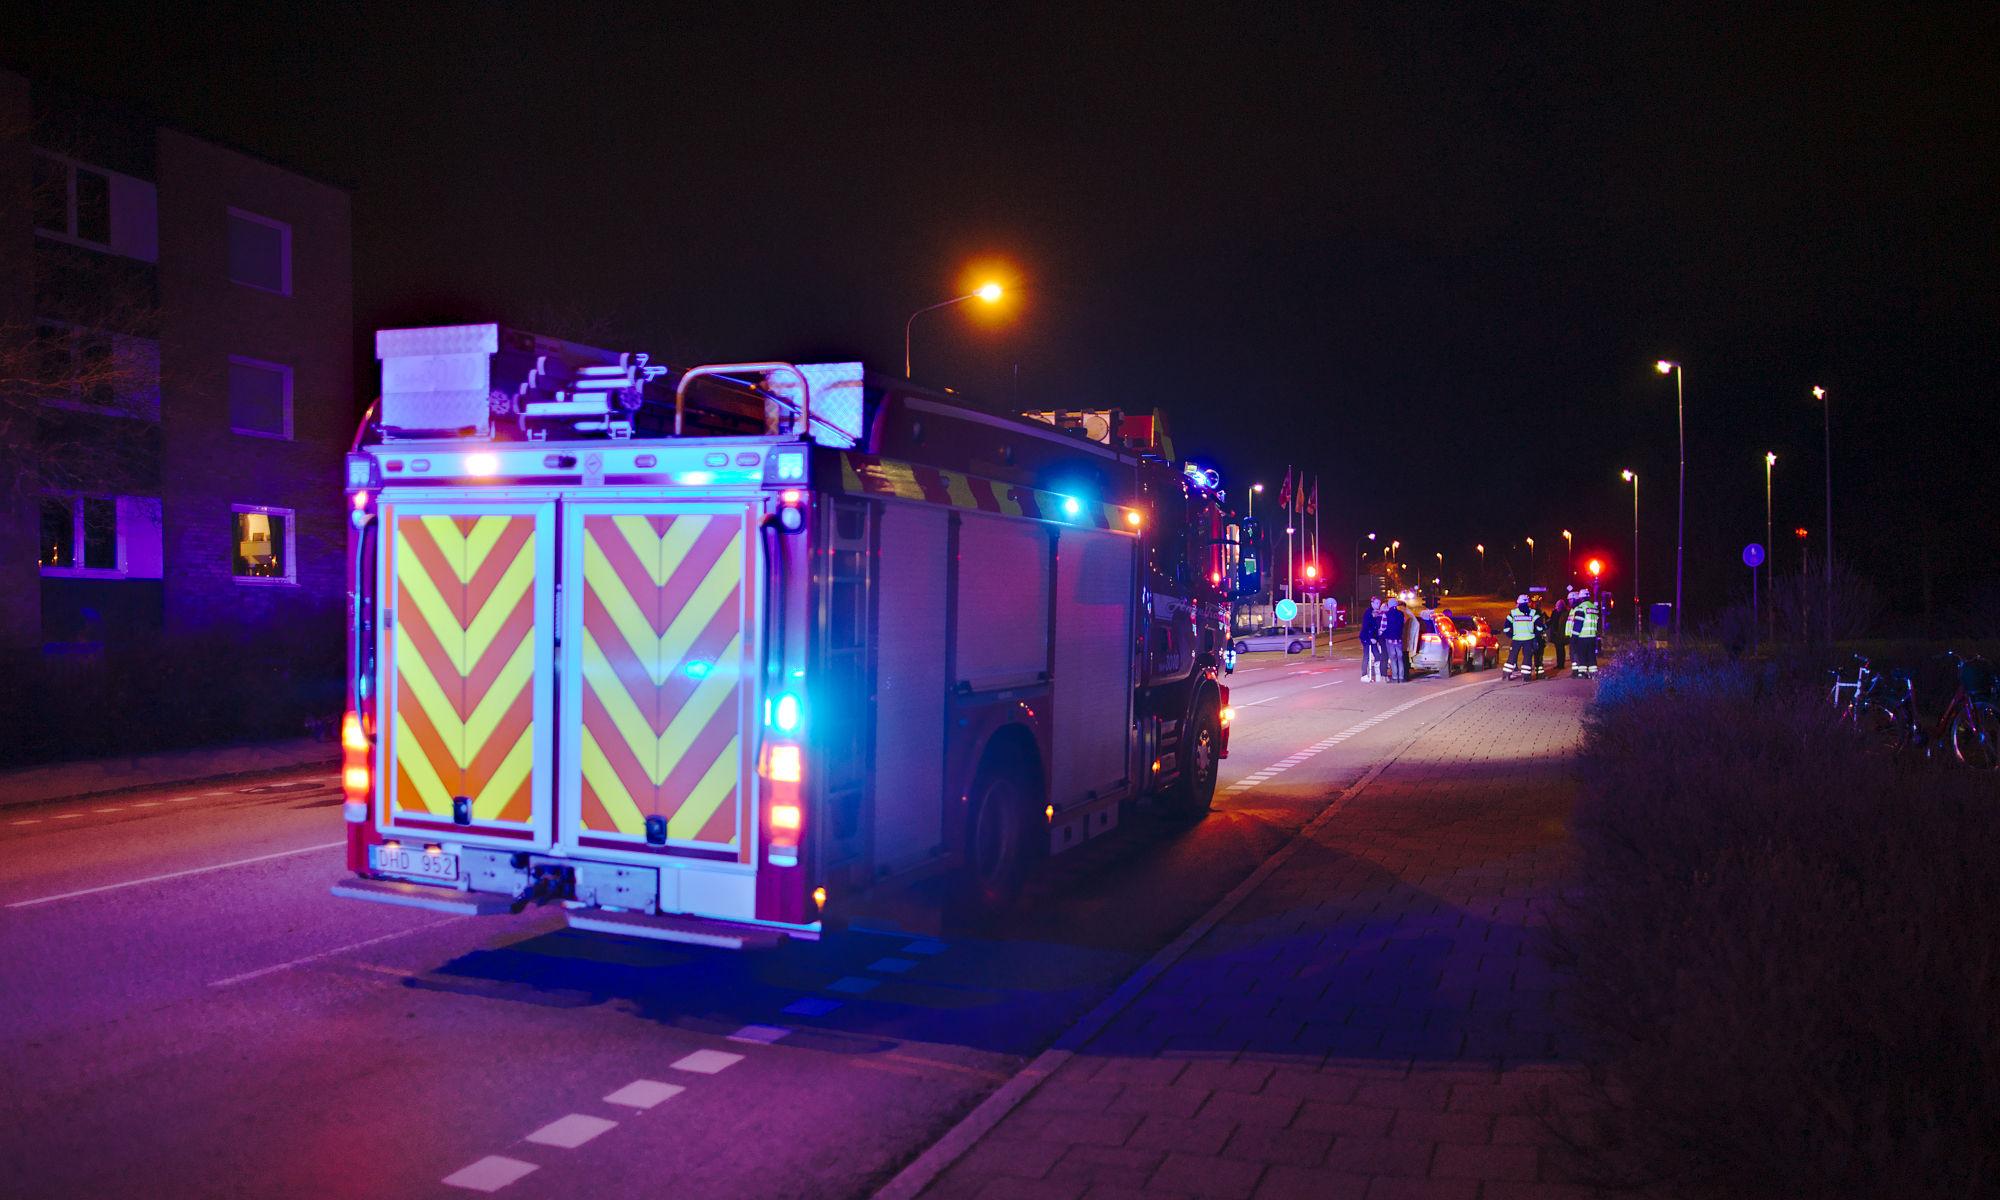 Brandbil under natten med trafikolycka framför